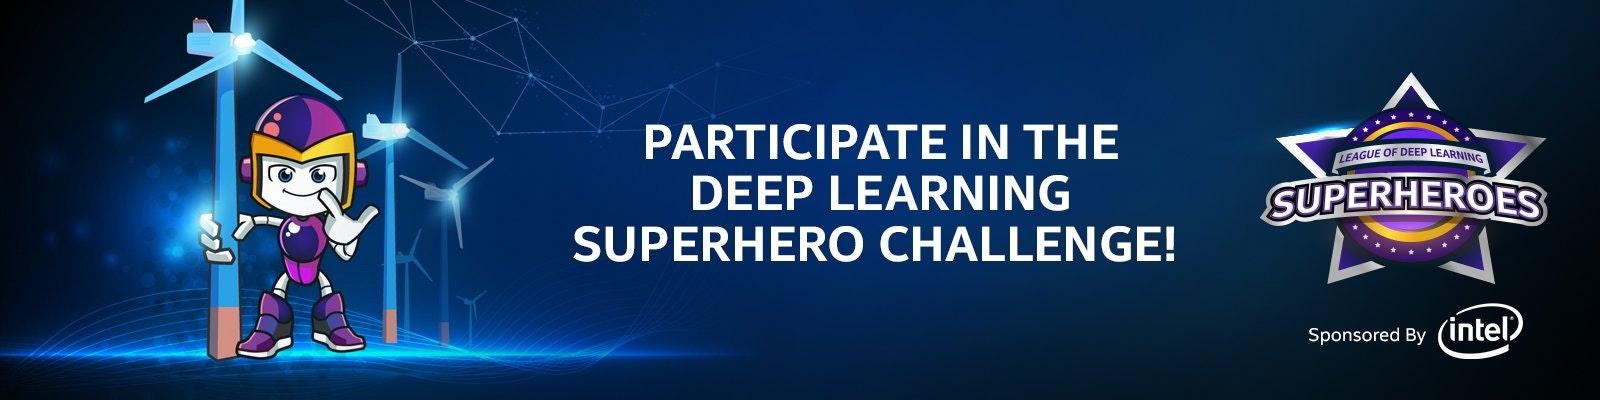 Deep Learning Superhero Challenge